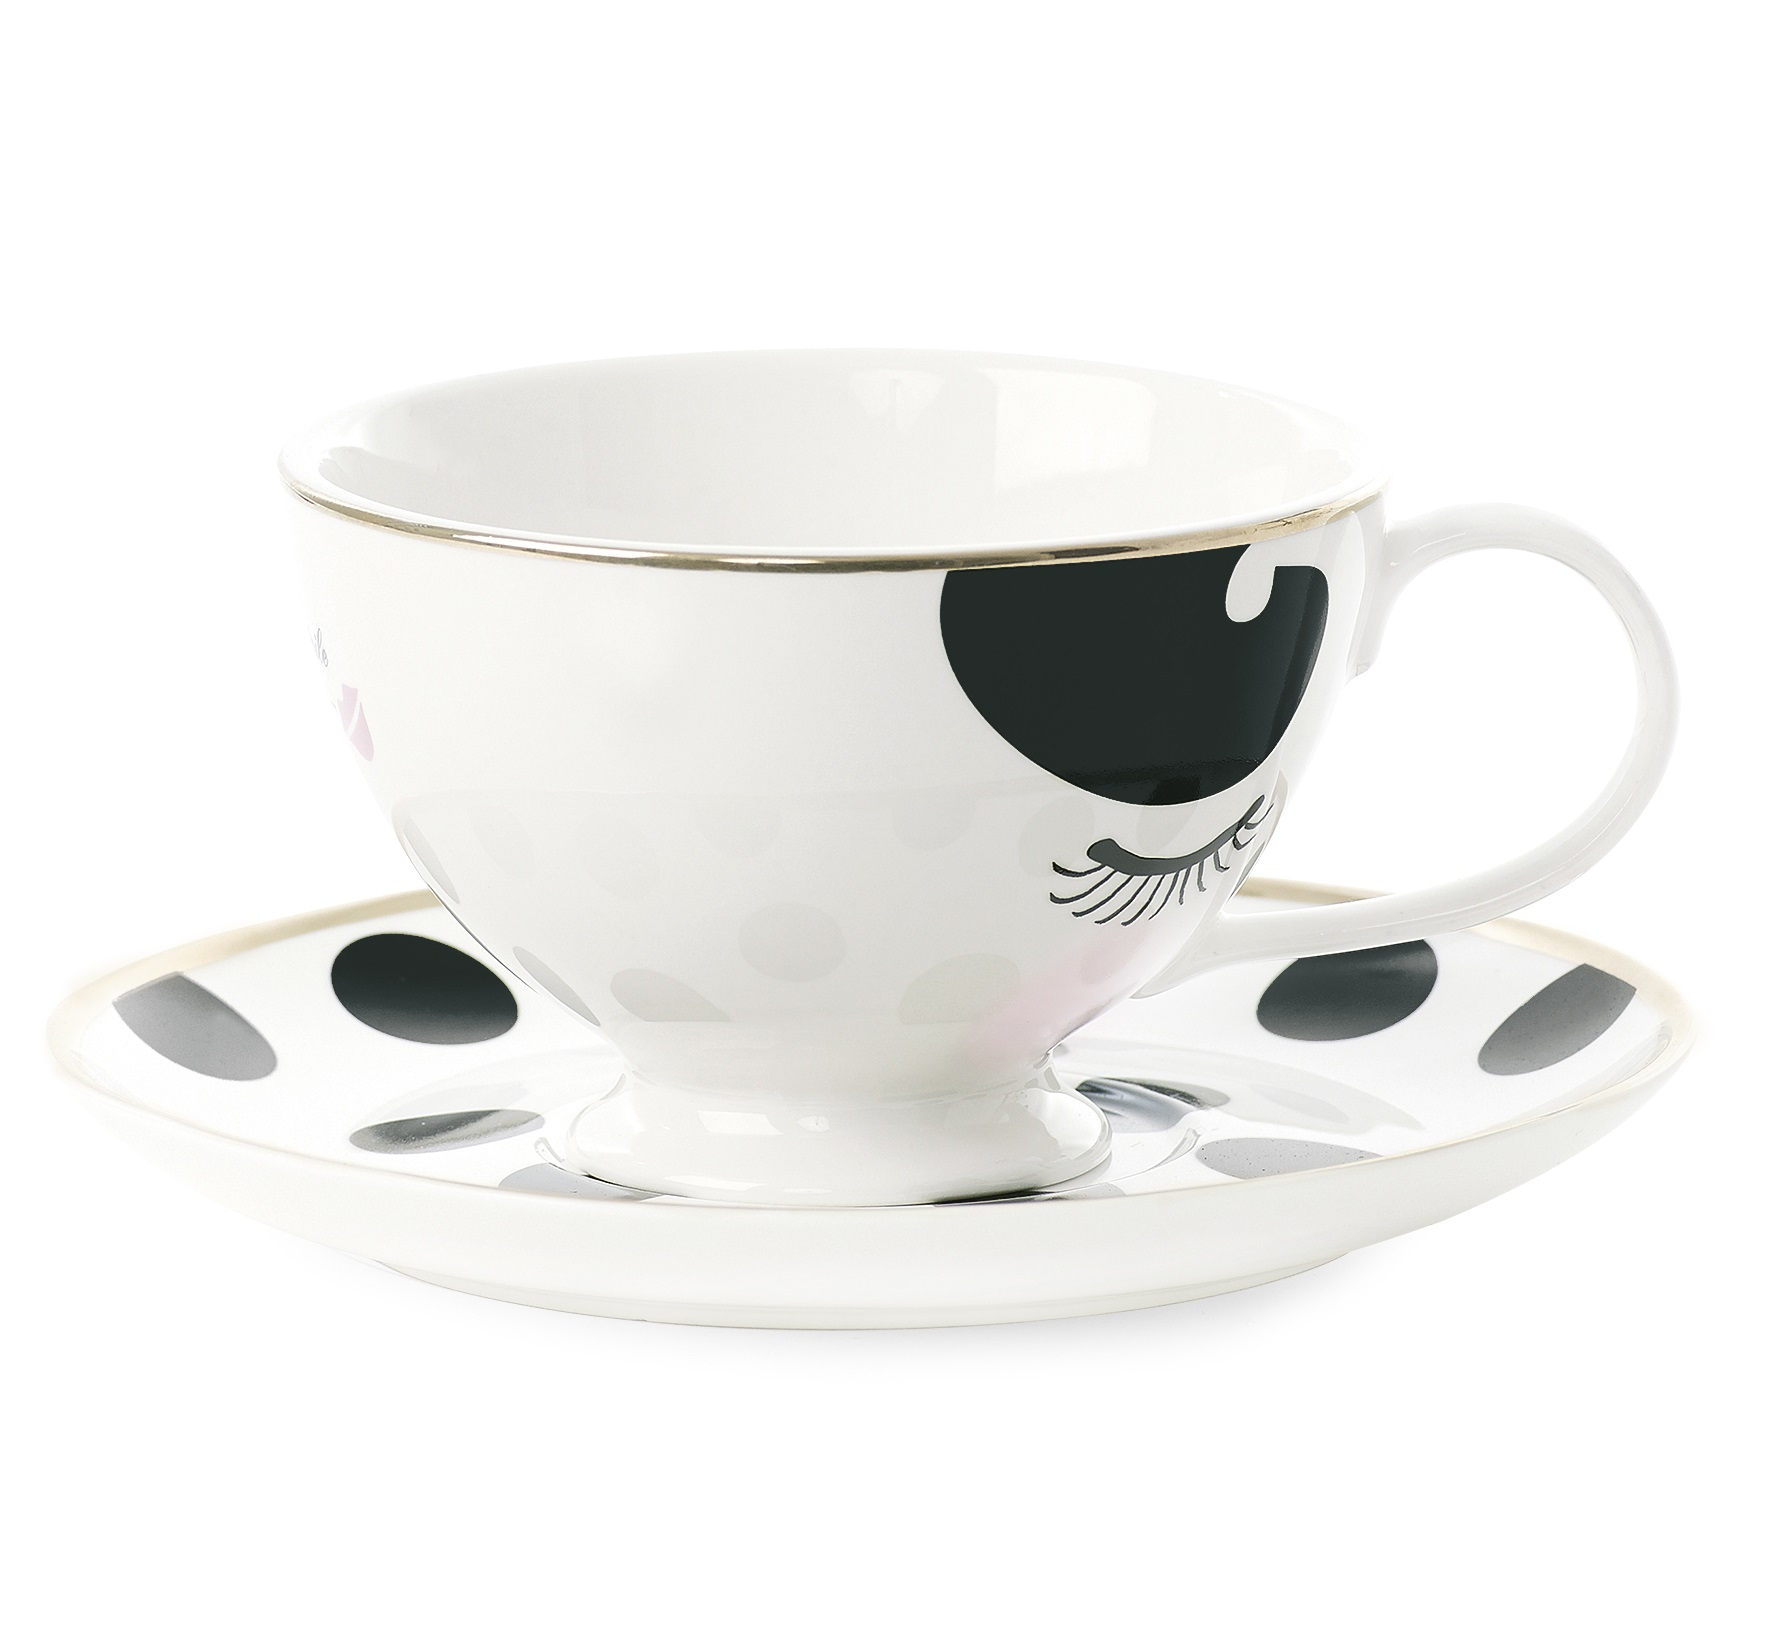 Чайная параЧайные пары и чашки<br>Чайная пара Miss Etoile – это набор, состоящий из чашки из блюдца. Посуда для чайной церемонии играет важную роль, ведь перерыв на чашку ароматного напитка – это прекрасная возможность отдохнуть, провести время за приятной беседой или просто помечтать и своих желаниях. Этот отдых станет еще приятнее, если чайная пара выполнена в роскошном и изящном дизайне, с особым вниманием к каждой детали. Покупая посуду от Miss Etoile, вы делаете выбор в пользу красоты и гармонии.&amp;amp;nbsp;&amp;lt;div&amp;gt;&amp;lt;br&amp;gt;&amp;lt;/div&amp;gt;&amp;lt;div&amp;gt;Объем 250 мл.&amp;lt;/div&amp;gt;<br><br>Material: Керамика<br>Length см: None<br>Width см: None<br>Depth см: None<br>Height см: 8<br>Diameter см: 17